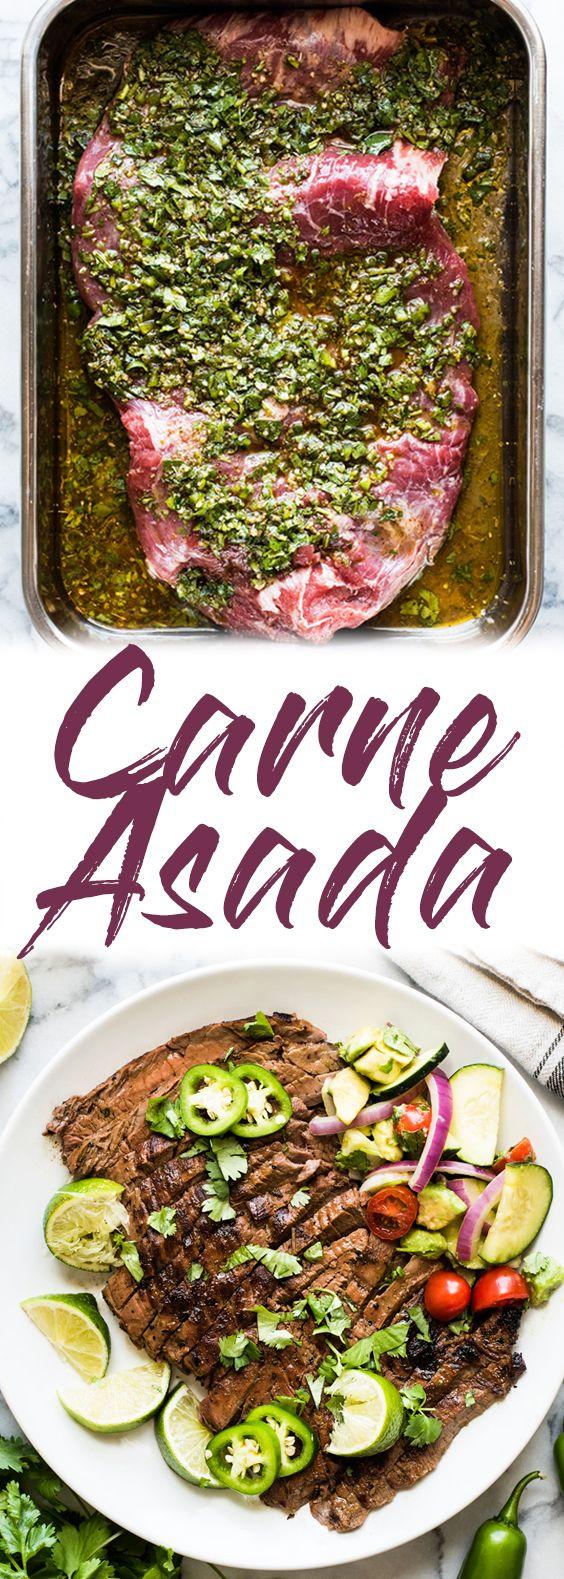 The Best Carne Asada Recipe